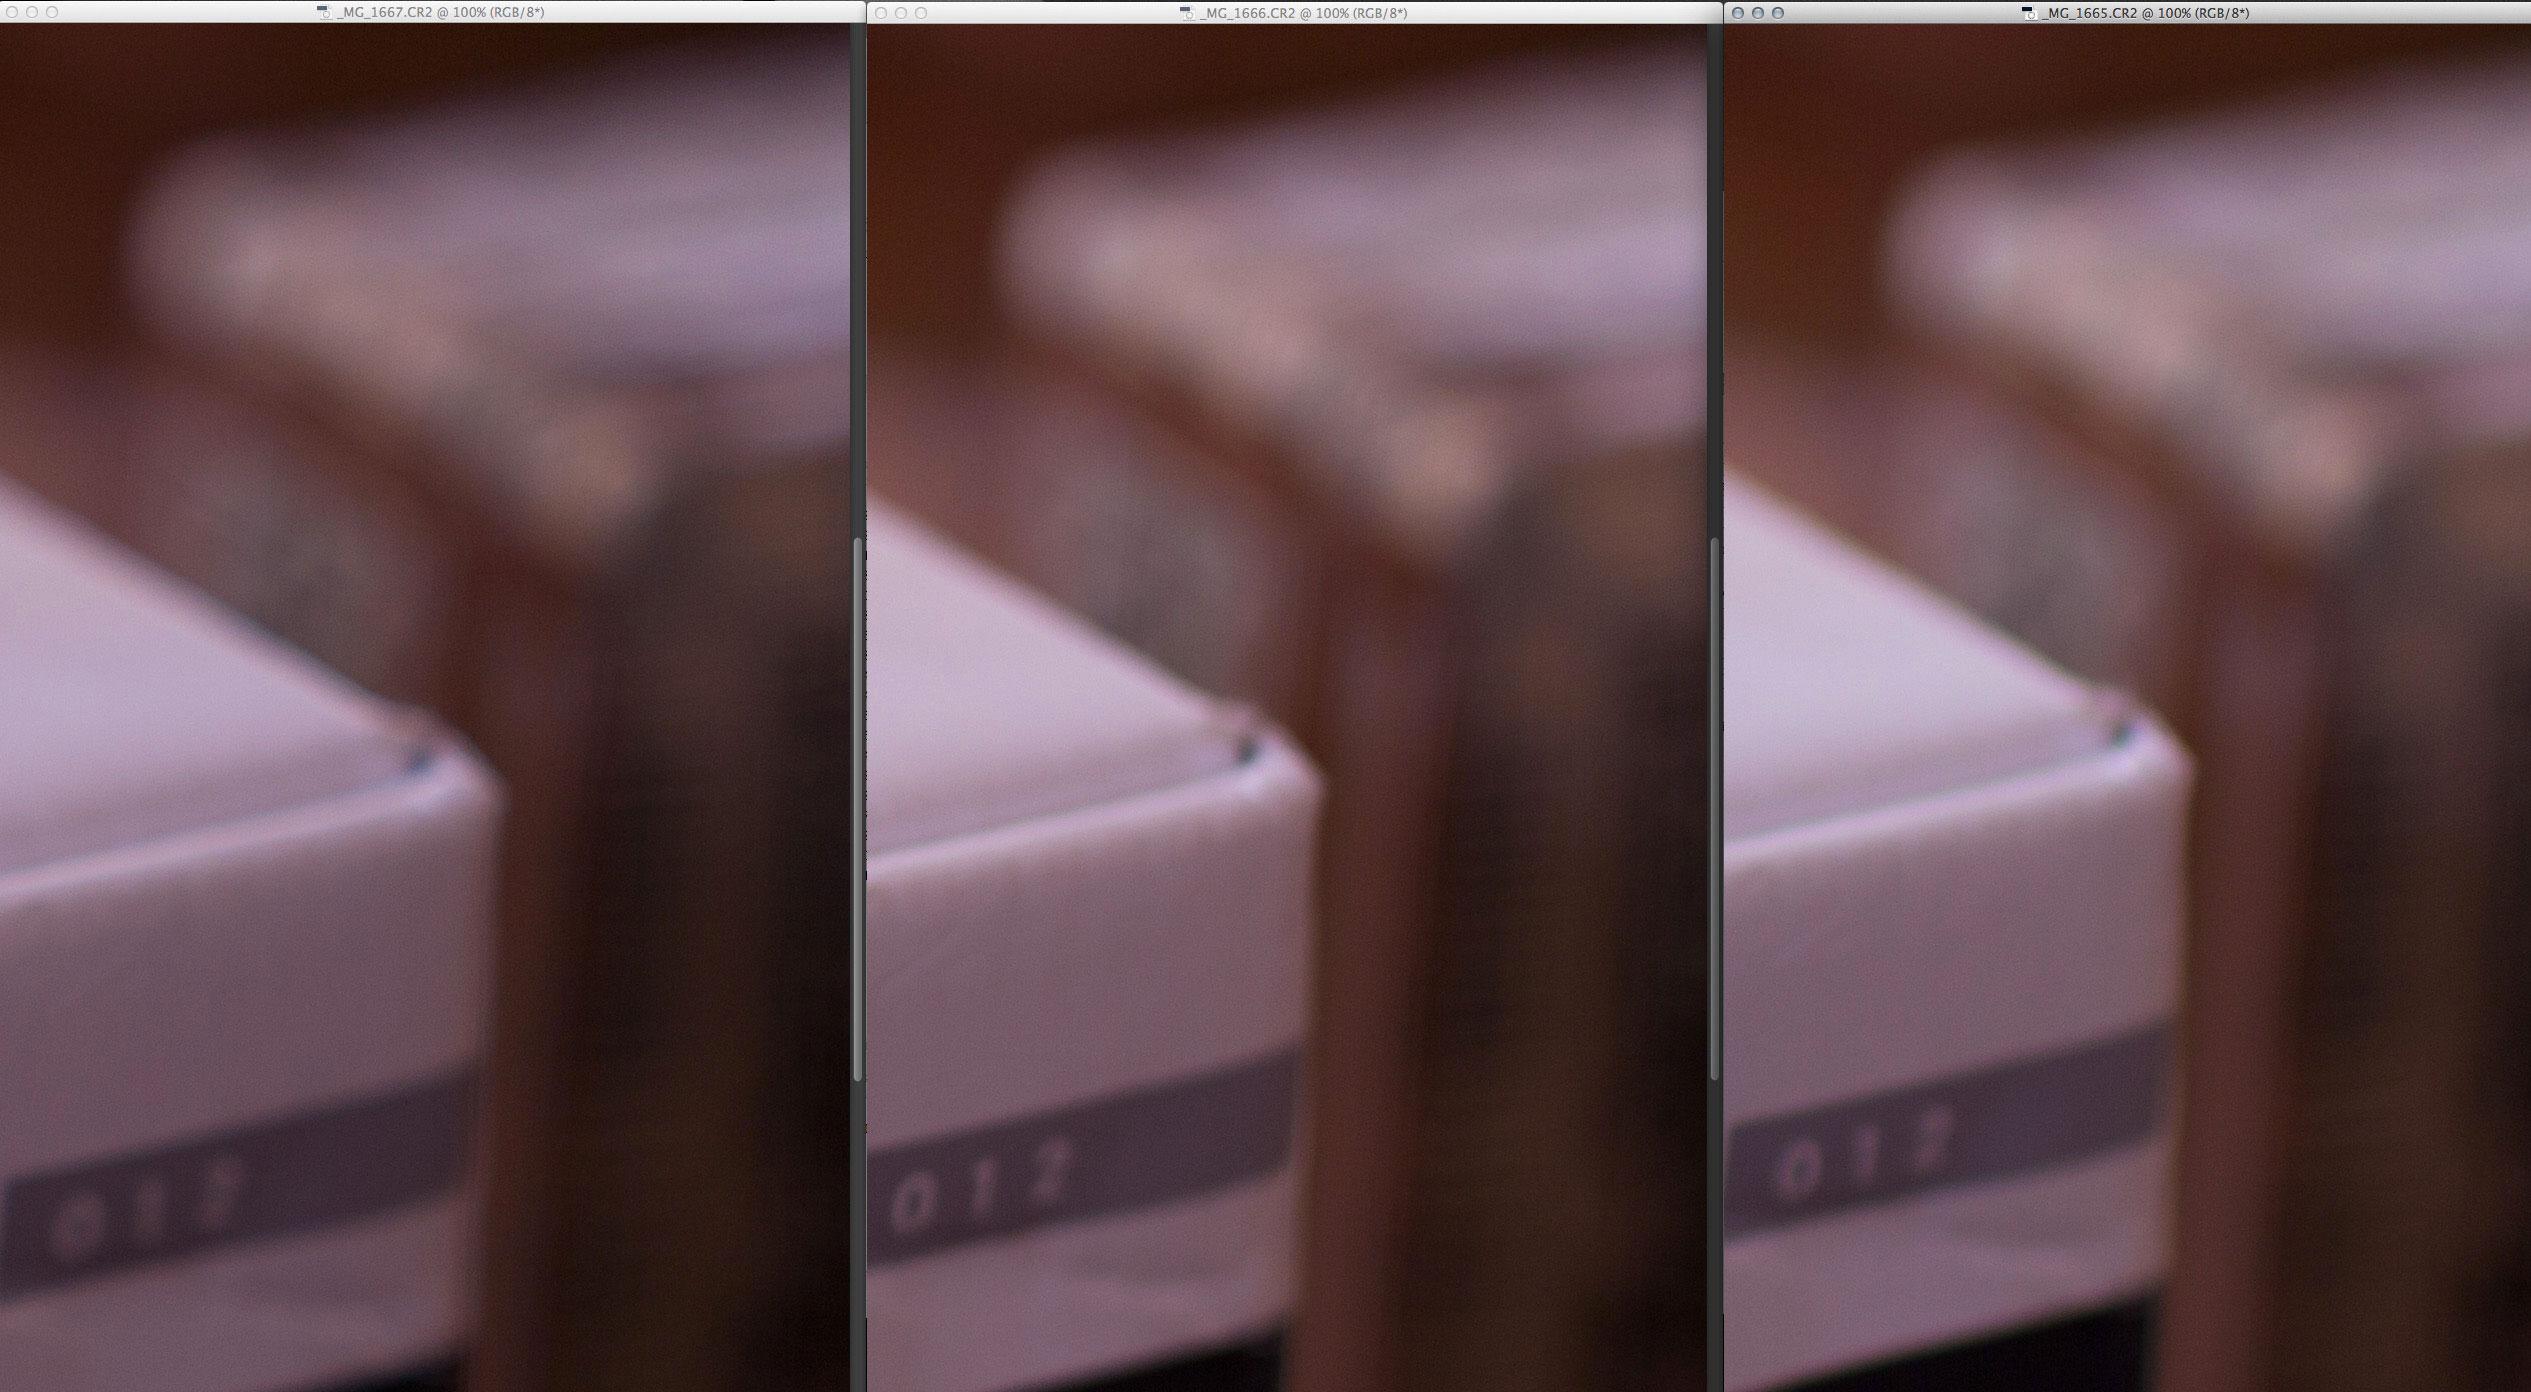 Da esquerda para direita: 18-35mm, 35mm f/1.4 DG, 35mm f/1.4L. CA longitudinal na Canon é o maior, mas bokeh é mais suave que as outras! Note a linha dupla vertical (na caixa) com a Sigma prime e a linha tripla na Sigma zoom.